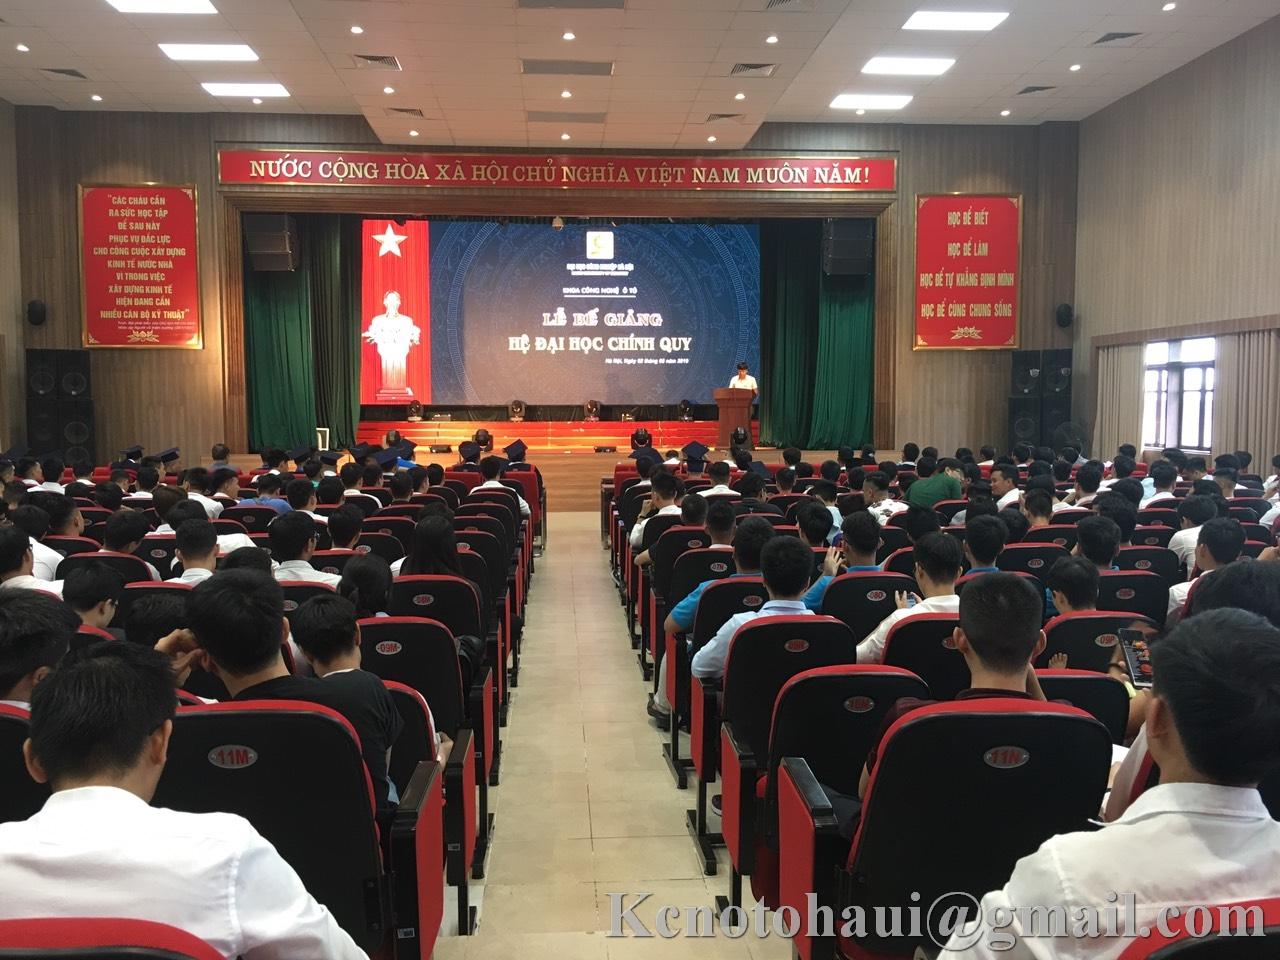 Tưng bừng hơn 300 sinh viên Khoa công nghệ ô tô trong ngày lễ bế giảng năm học